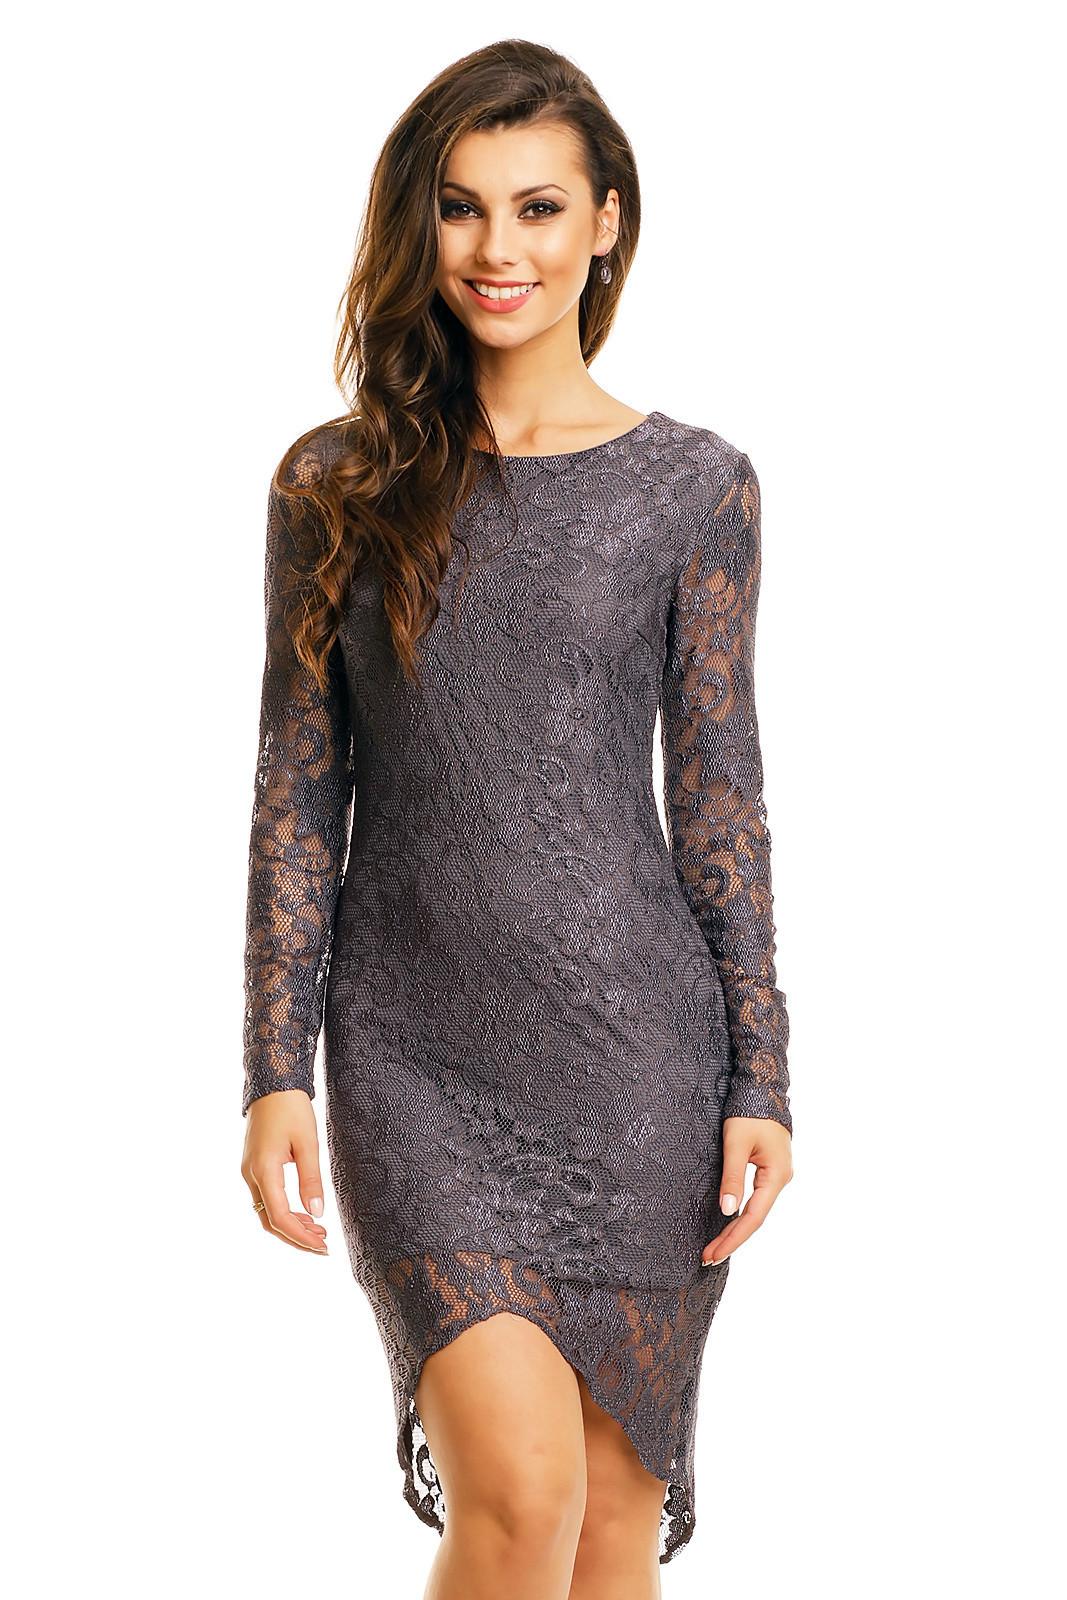 Spoločenské šaty MAYAADI krajkové s asymetrickou sukňou tmavo šedé - Šedá / XL - MAYAADI šedá XL